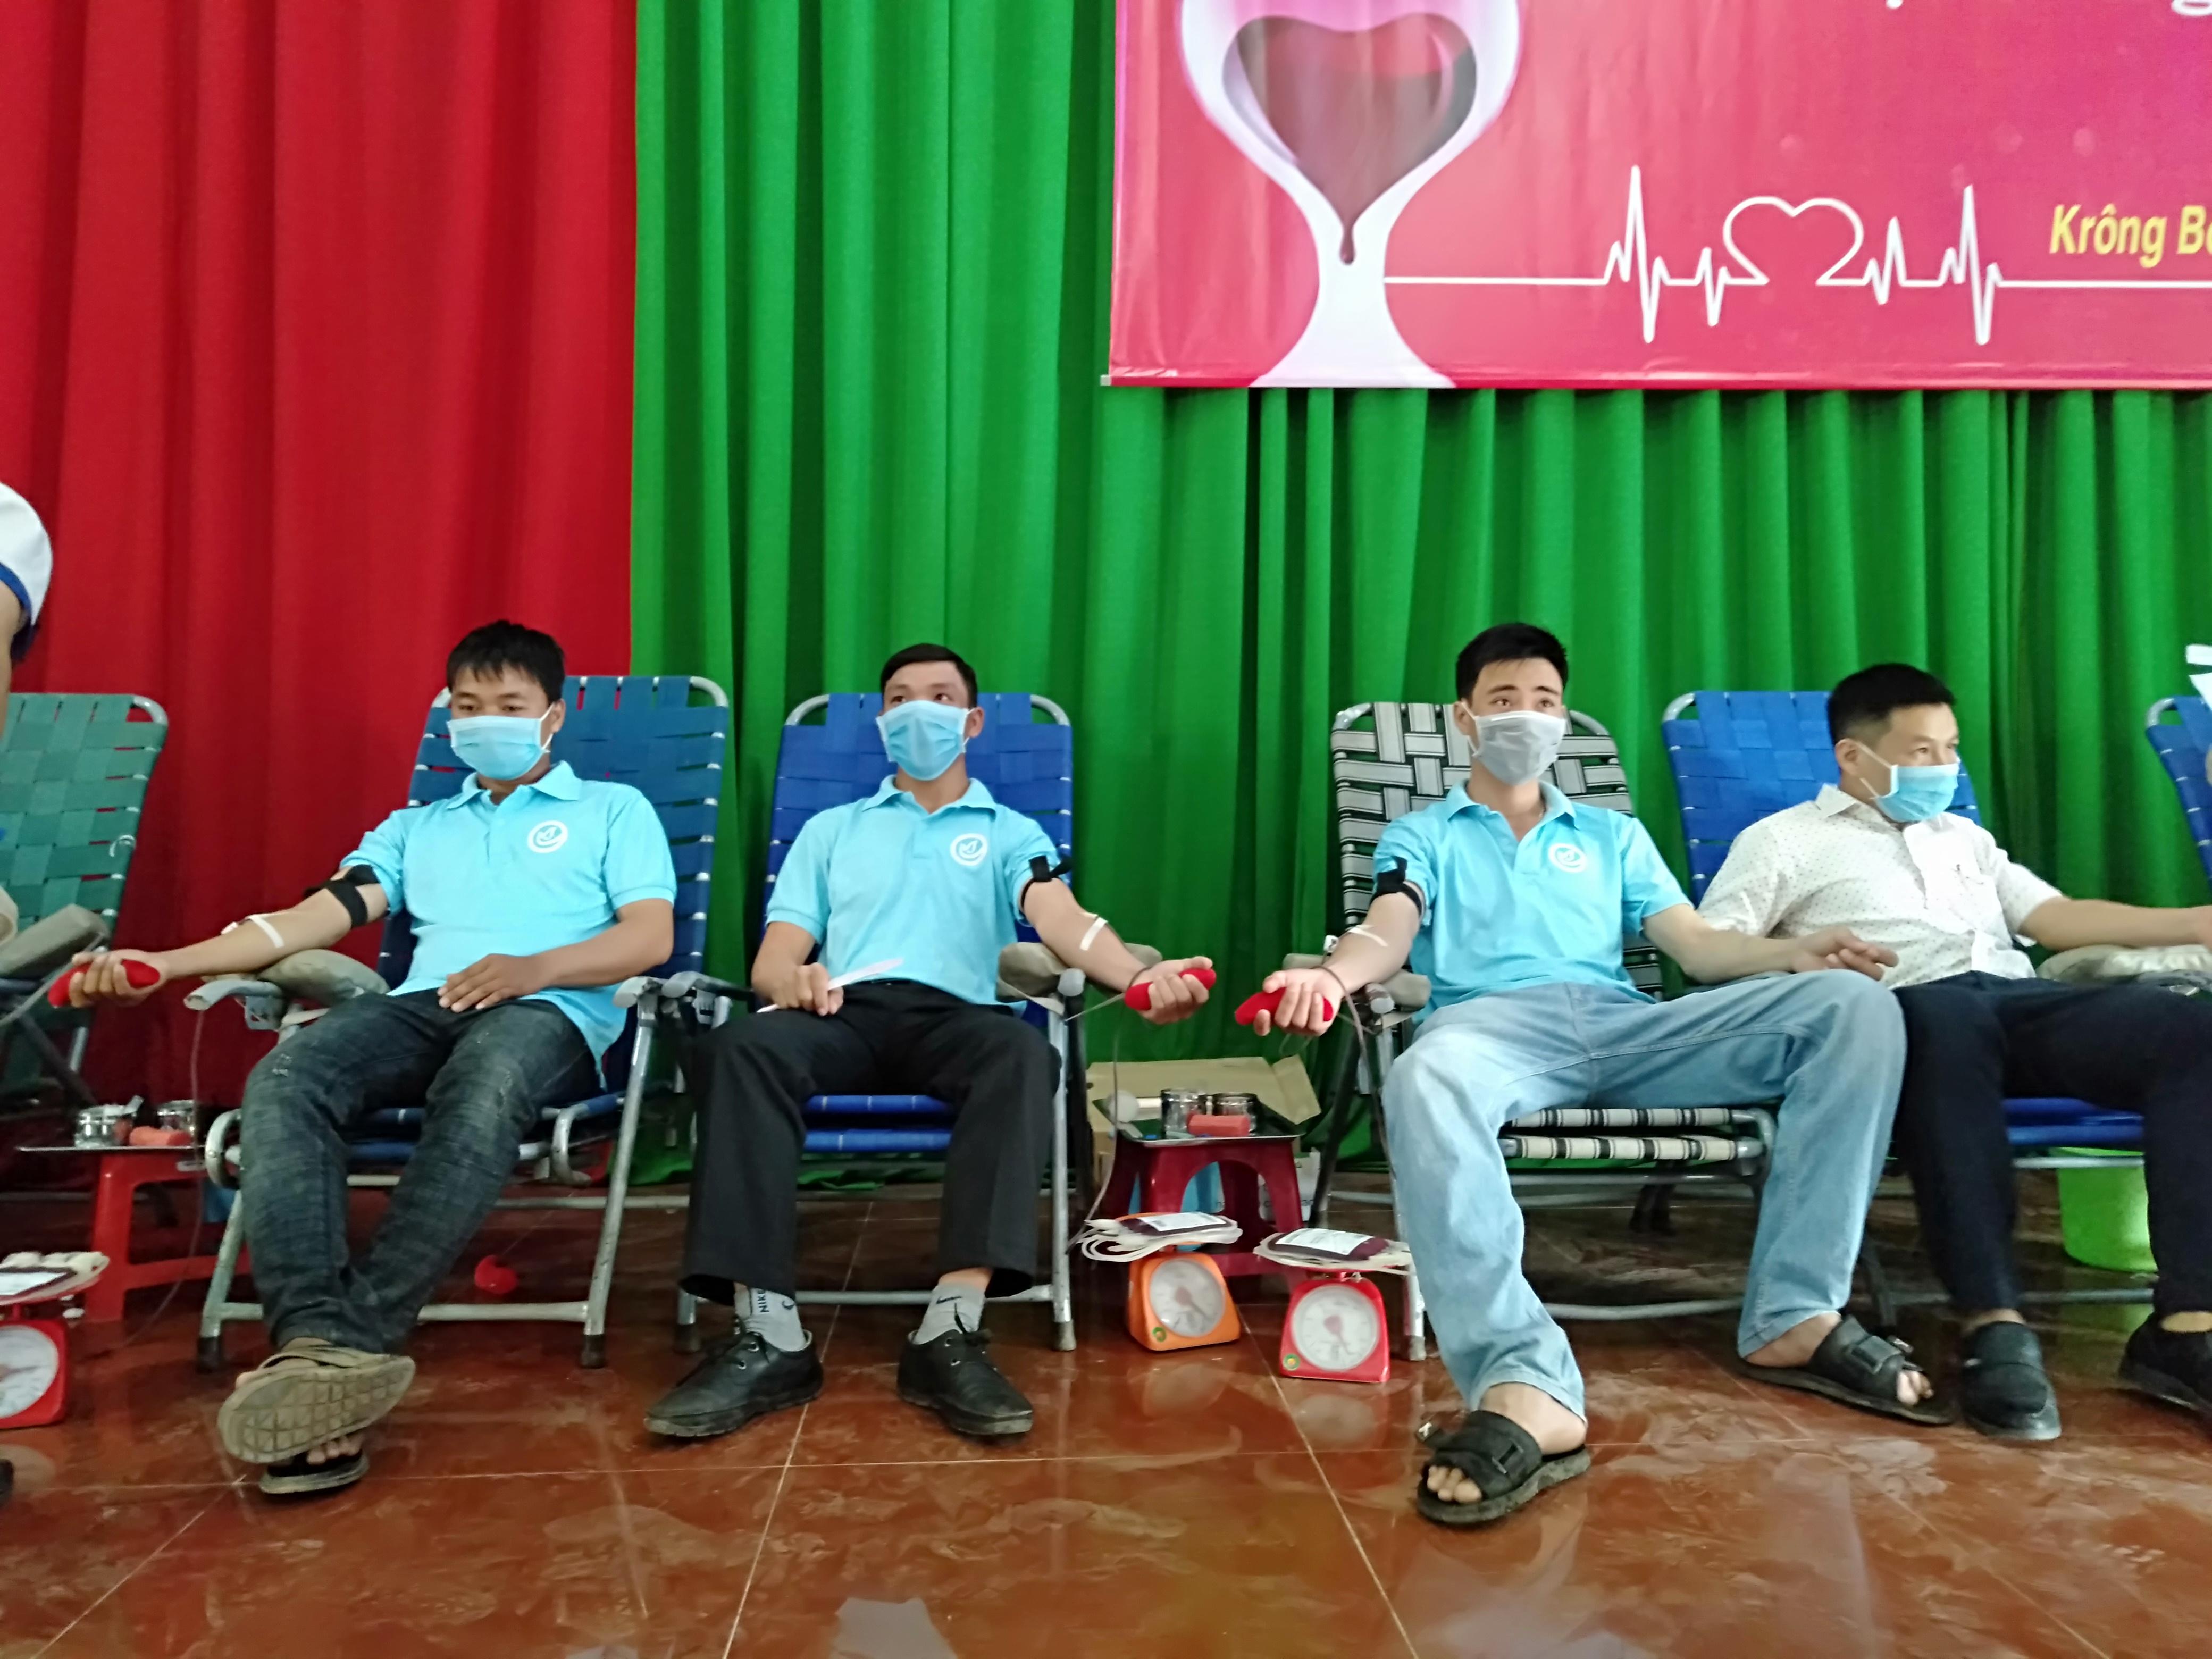 Huyện Krông Bông: Tiếp nhận 238 đơn vị máu tại Ngày hội hiến máu nhân đạo đợt I năm 2020